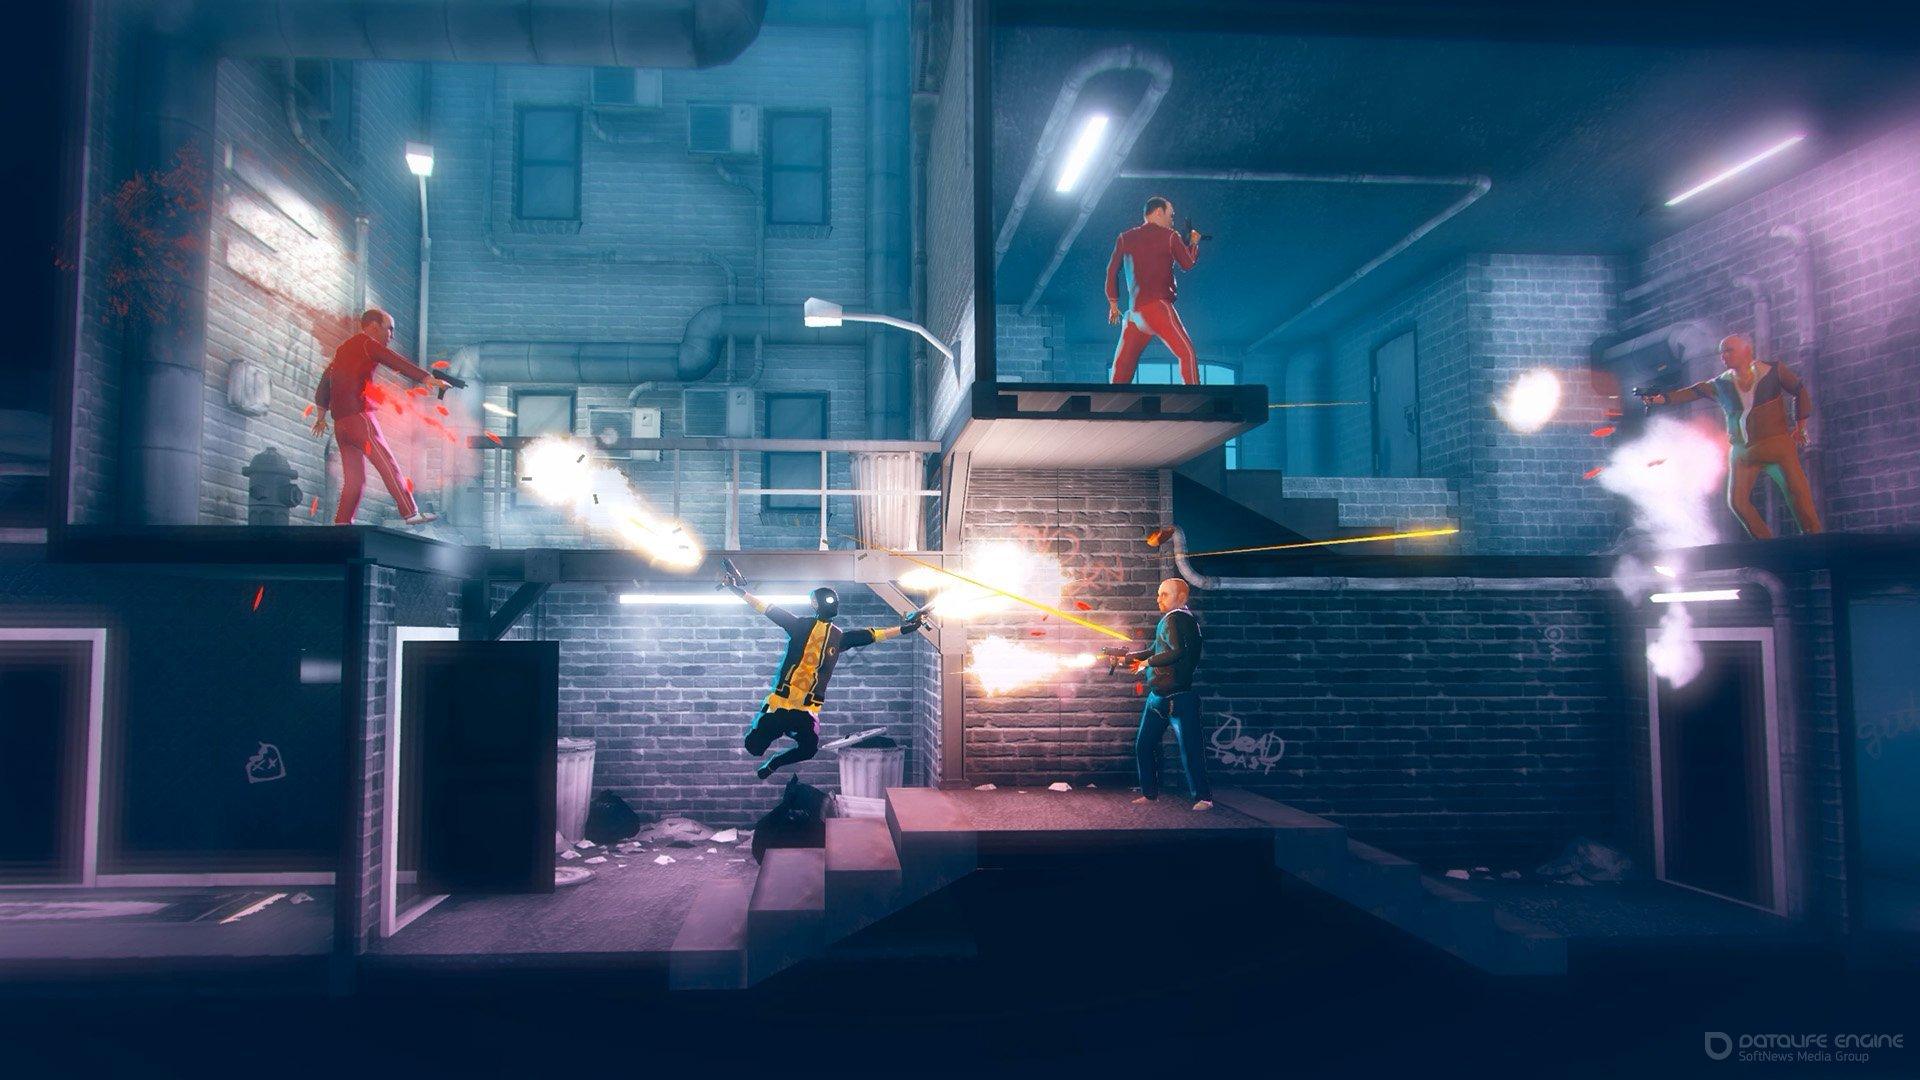 Скриншот к игре My Friend Pedro v.1.03 [GOG] (2019) скачать торрент Лицензия